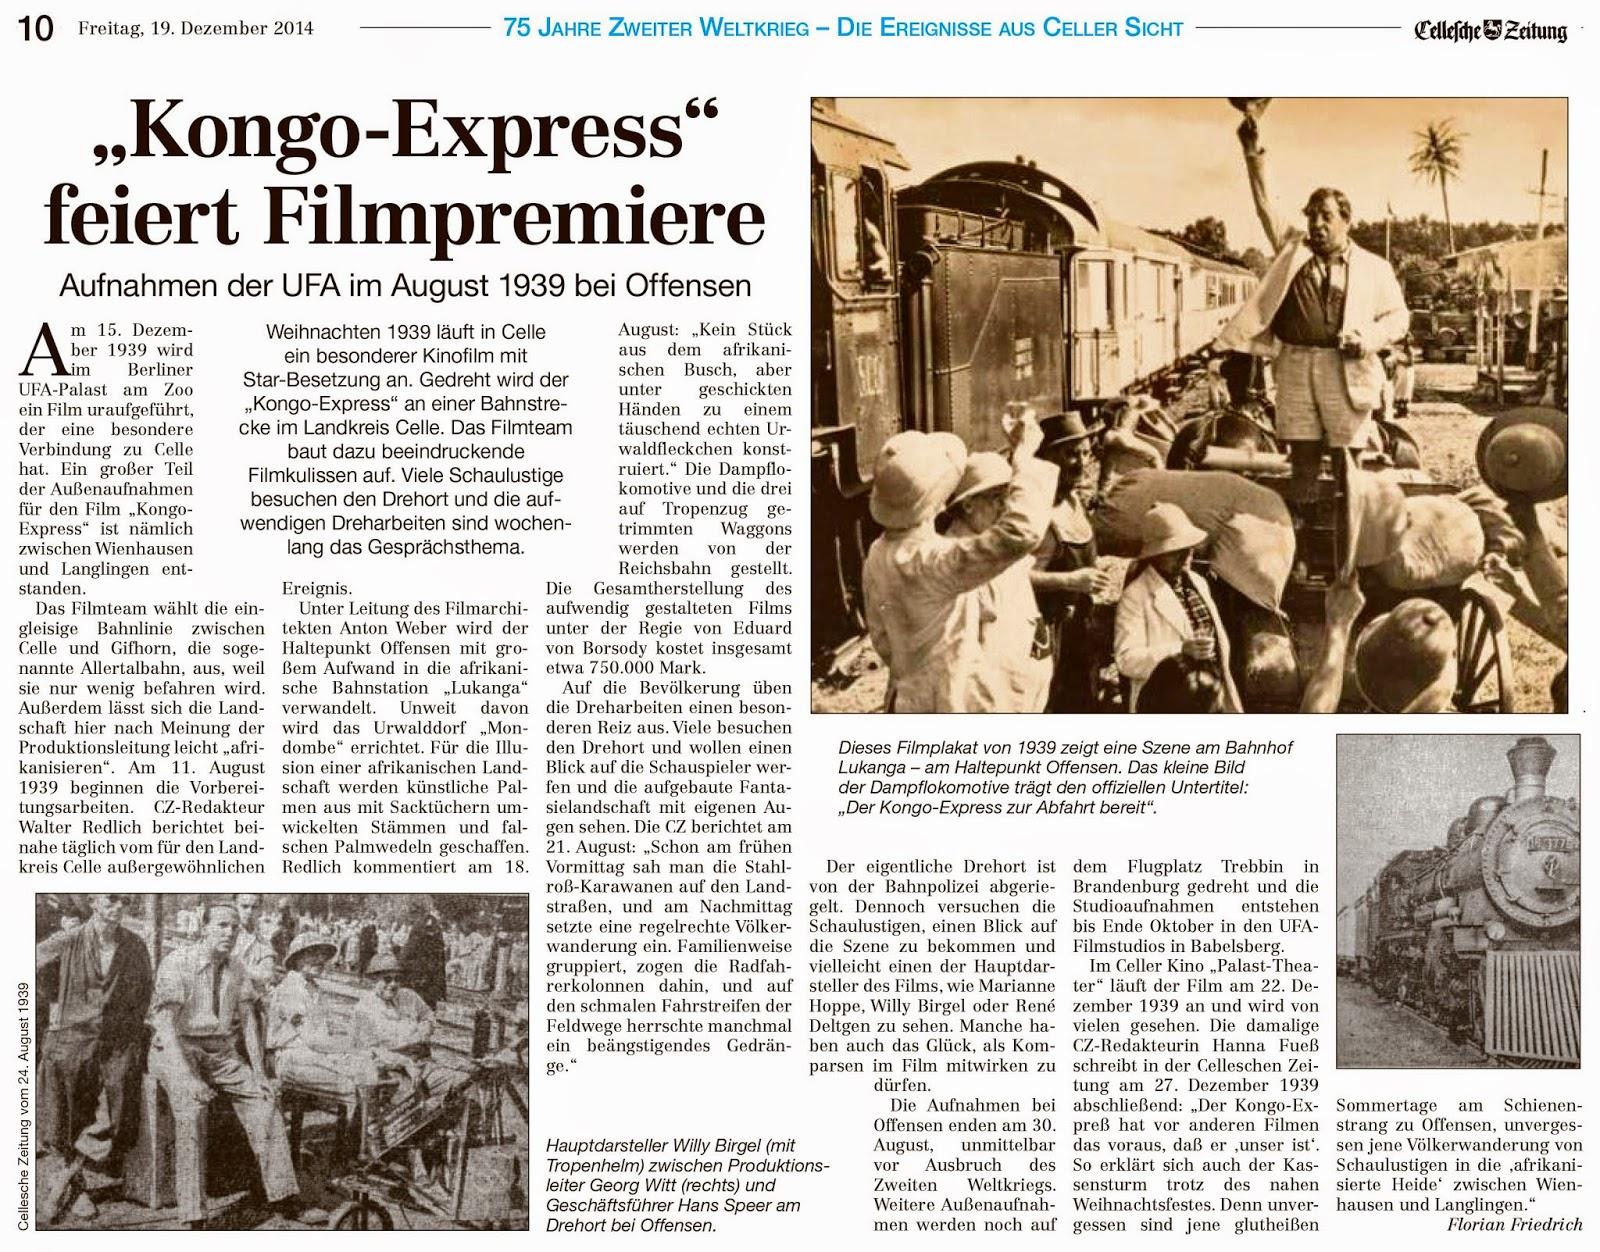 express zeitung heute